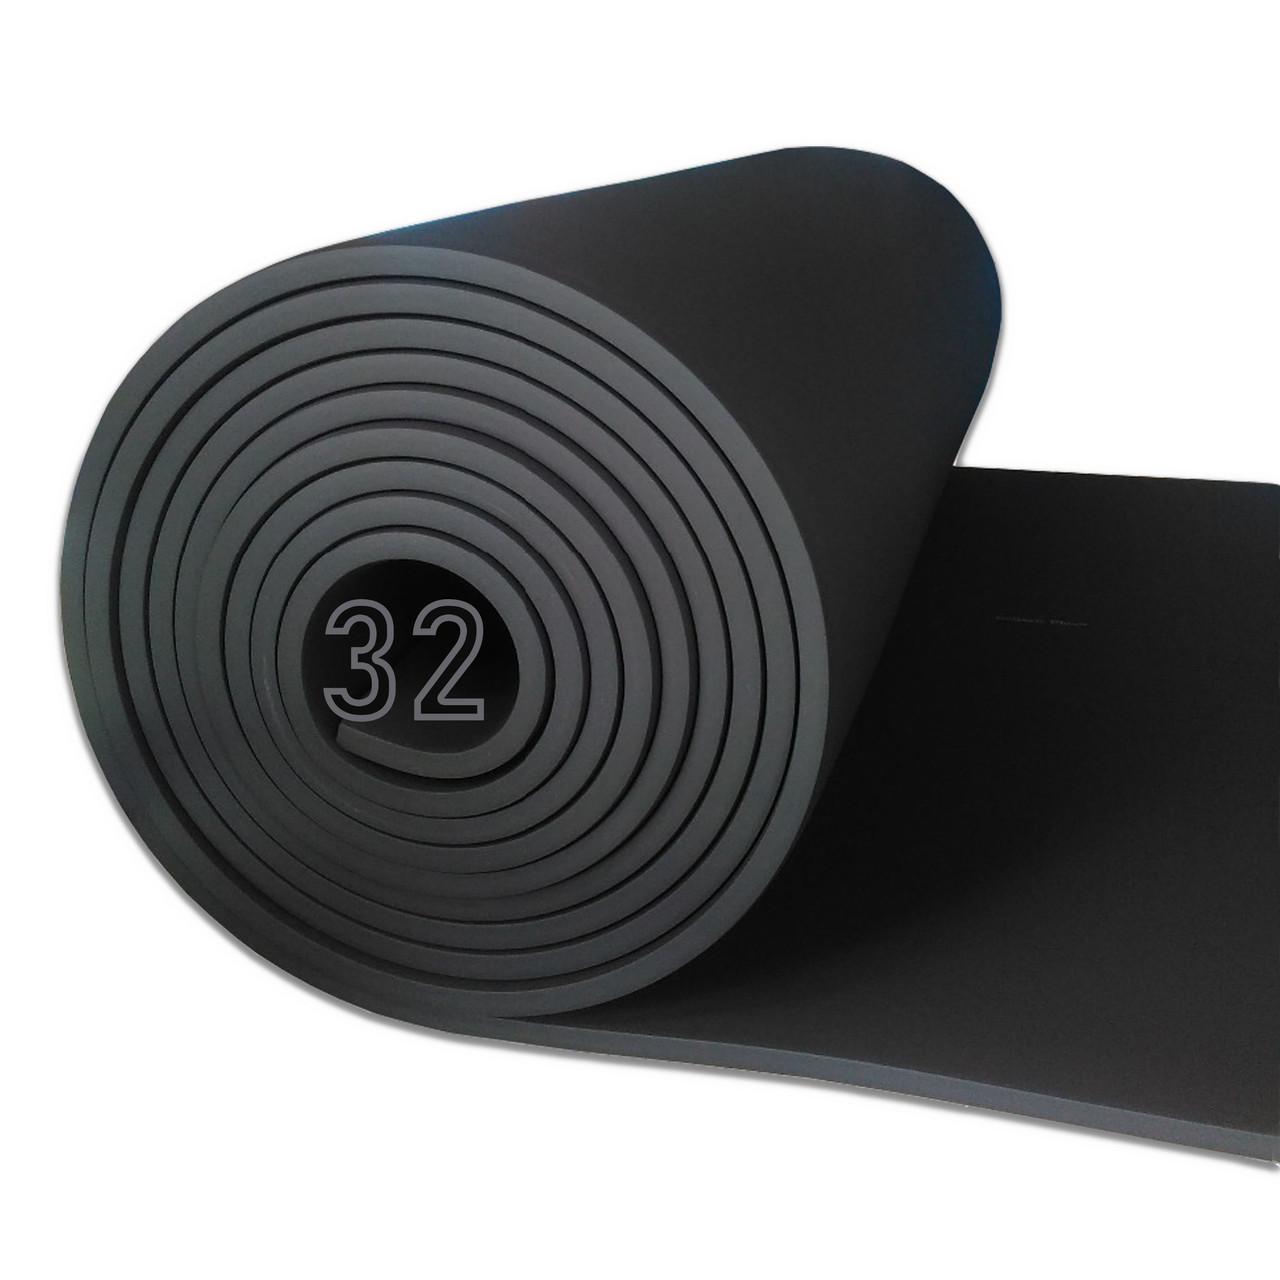 Вспененный каучук 32 мм (утеплитель, шумоизоляция)